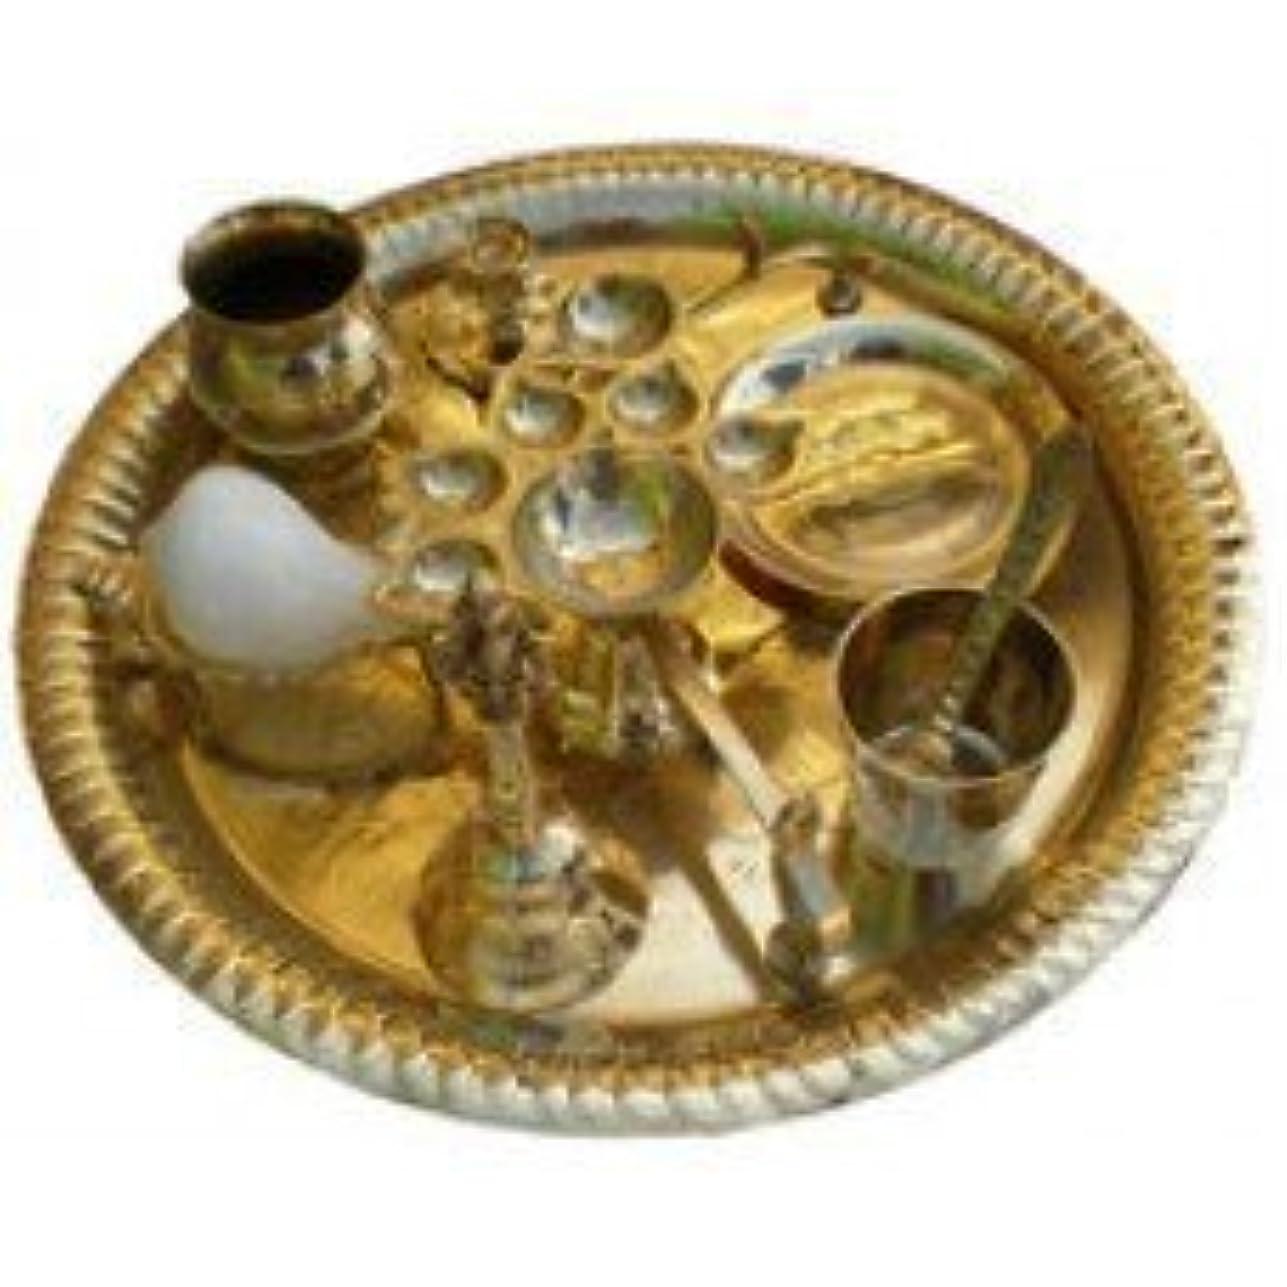 シュガー限りなく傑出したAarti Set (tray with Bell, Incense Holder, Flower Tray, Conch, Ghee Lamps)